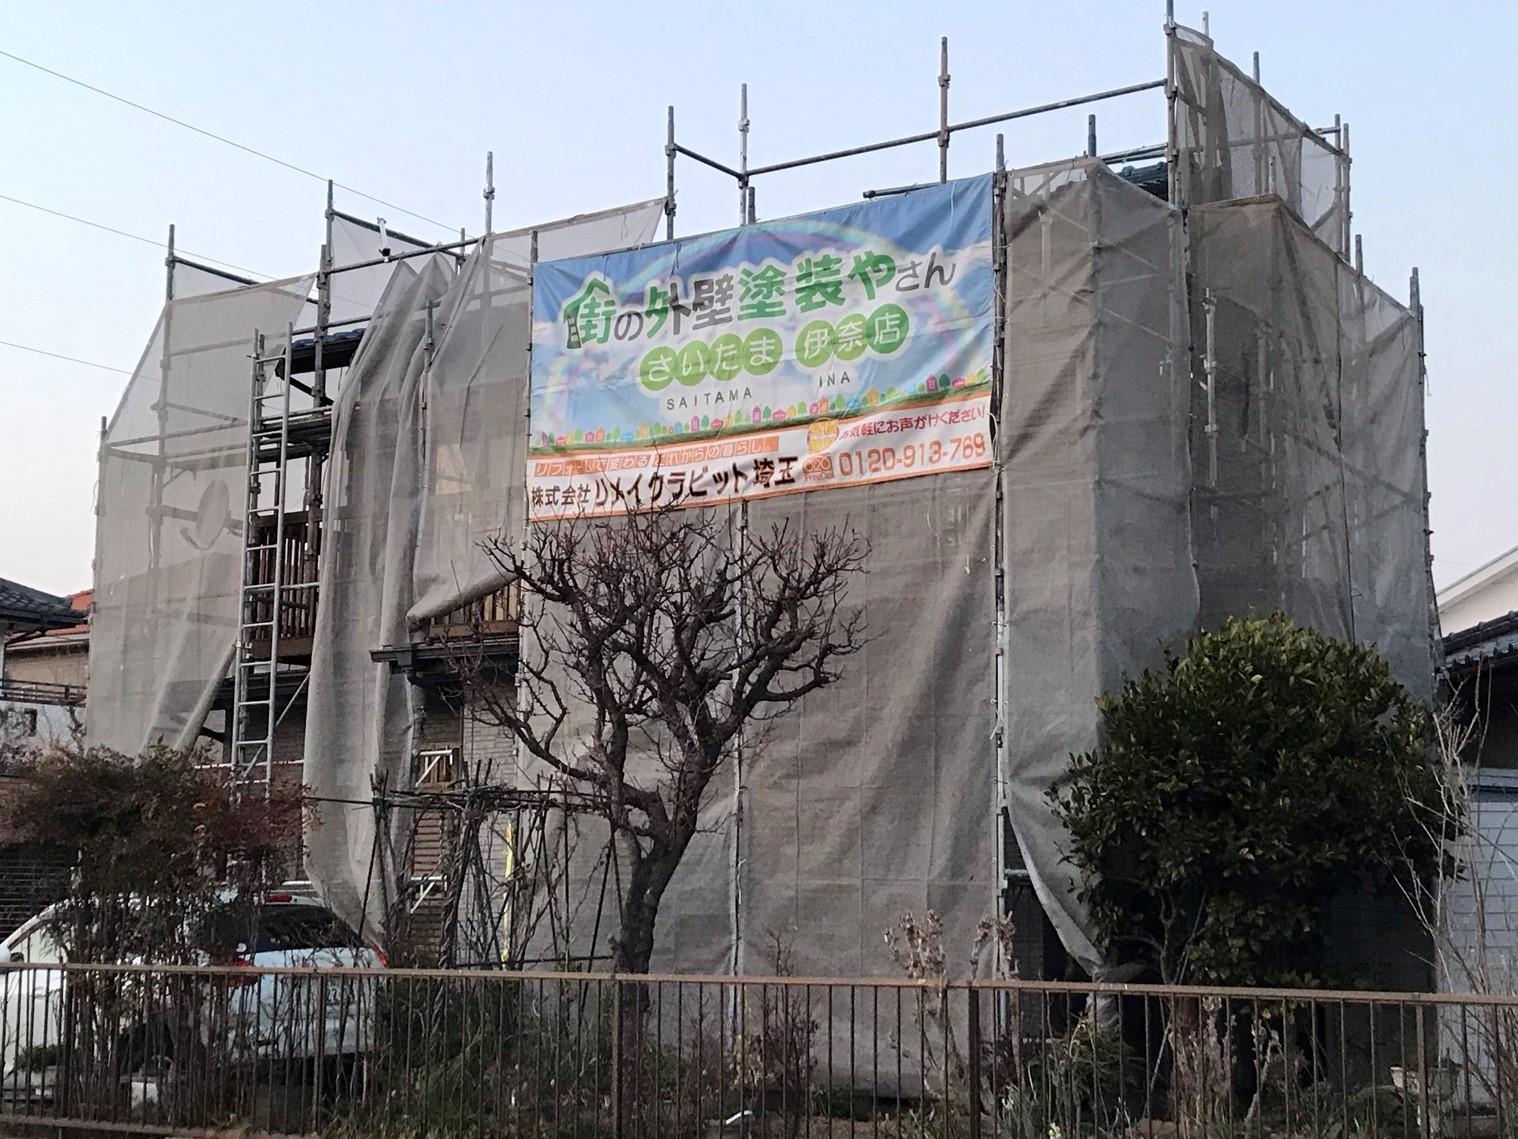 伊奈町寿外壁塗装の仮設足場設置完了